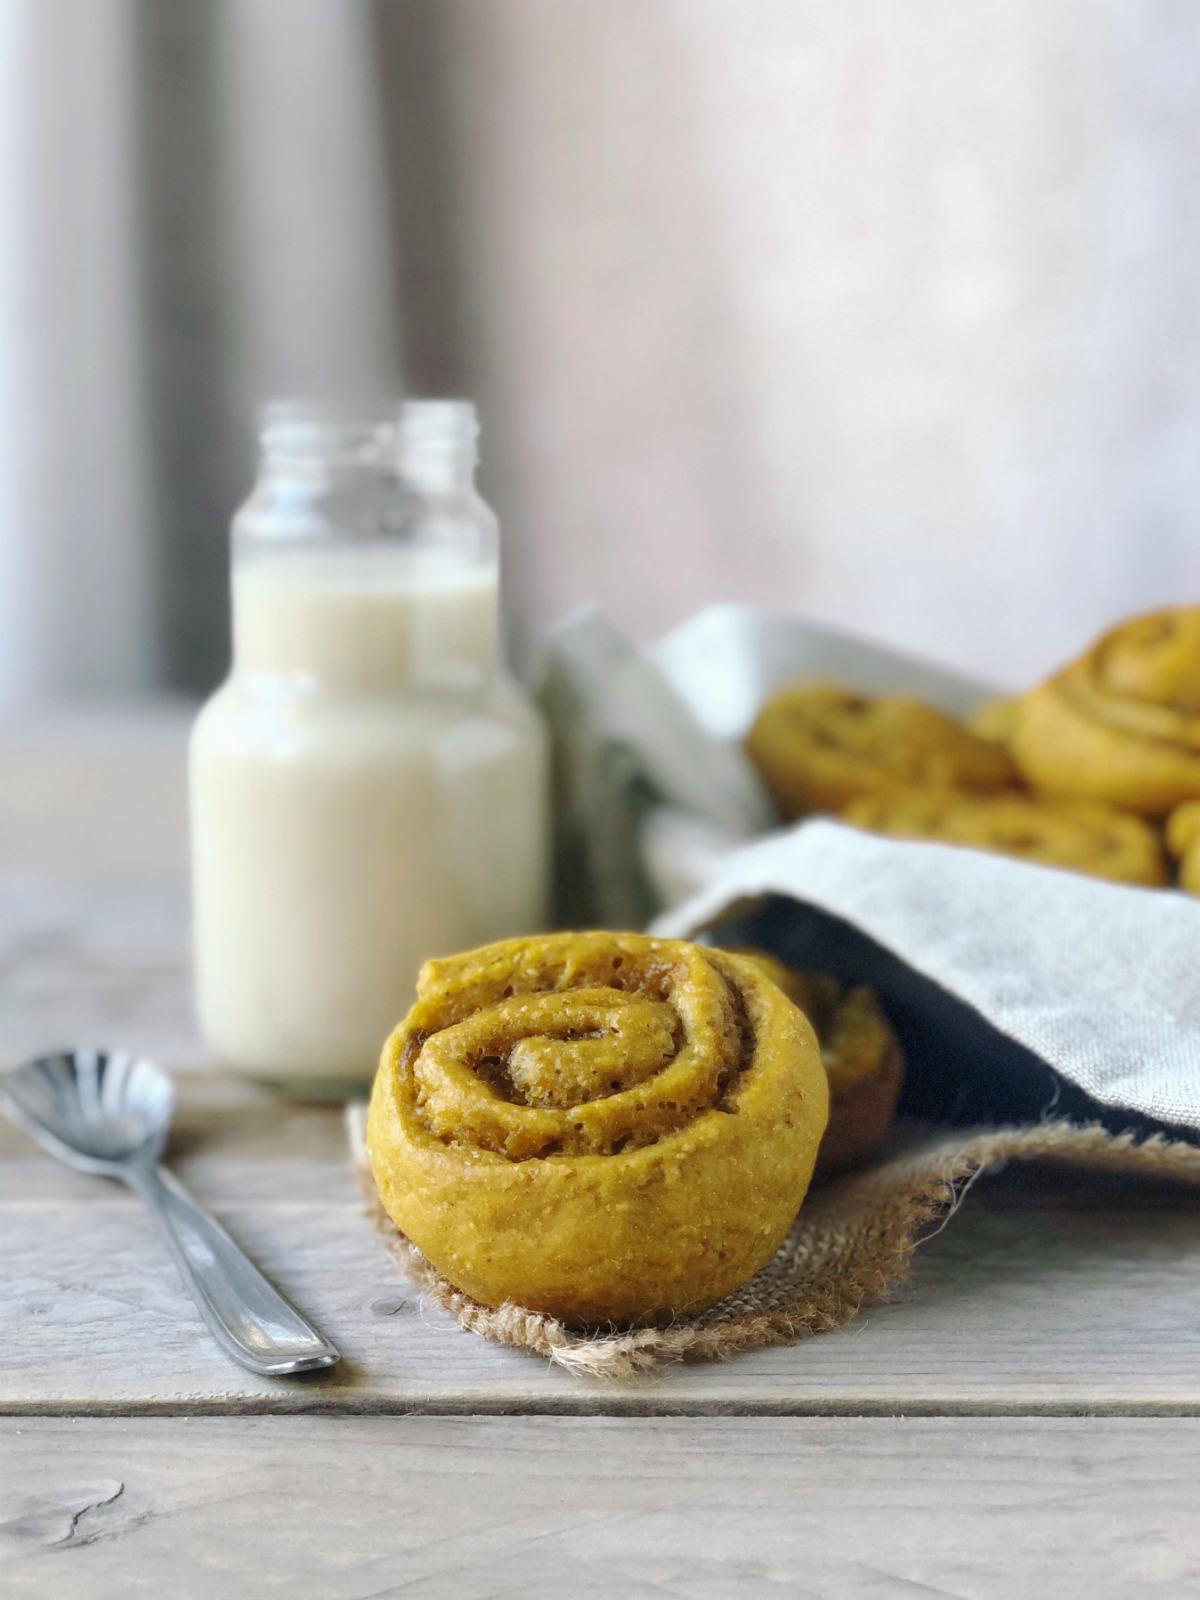 Cinnamon rolls vegan sono girelle alla zucca e cannella